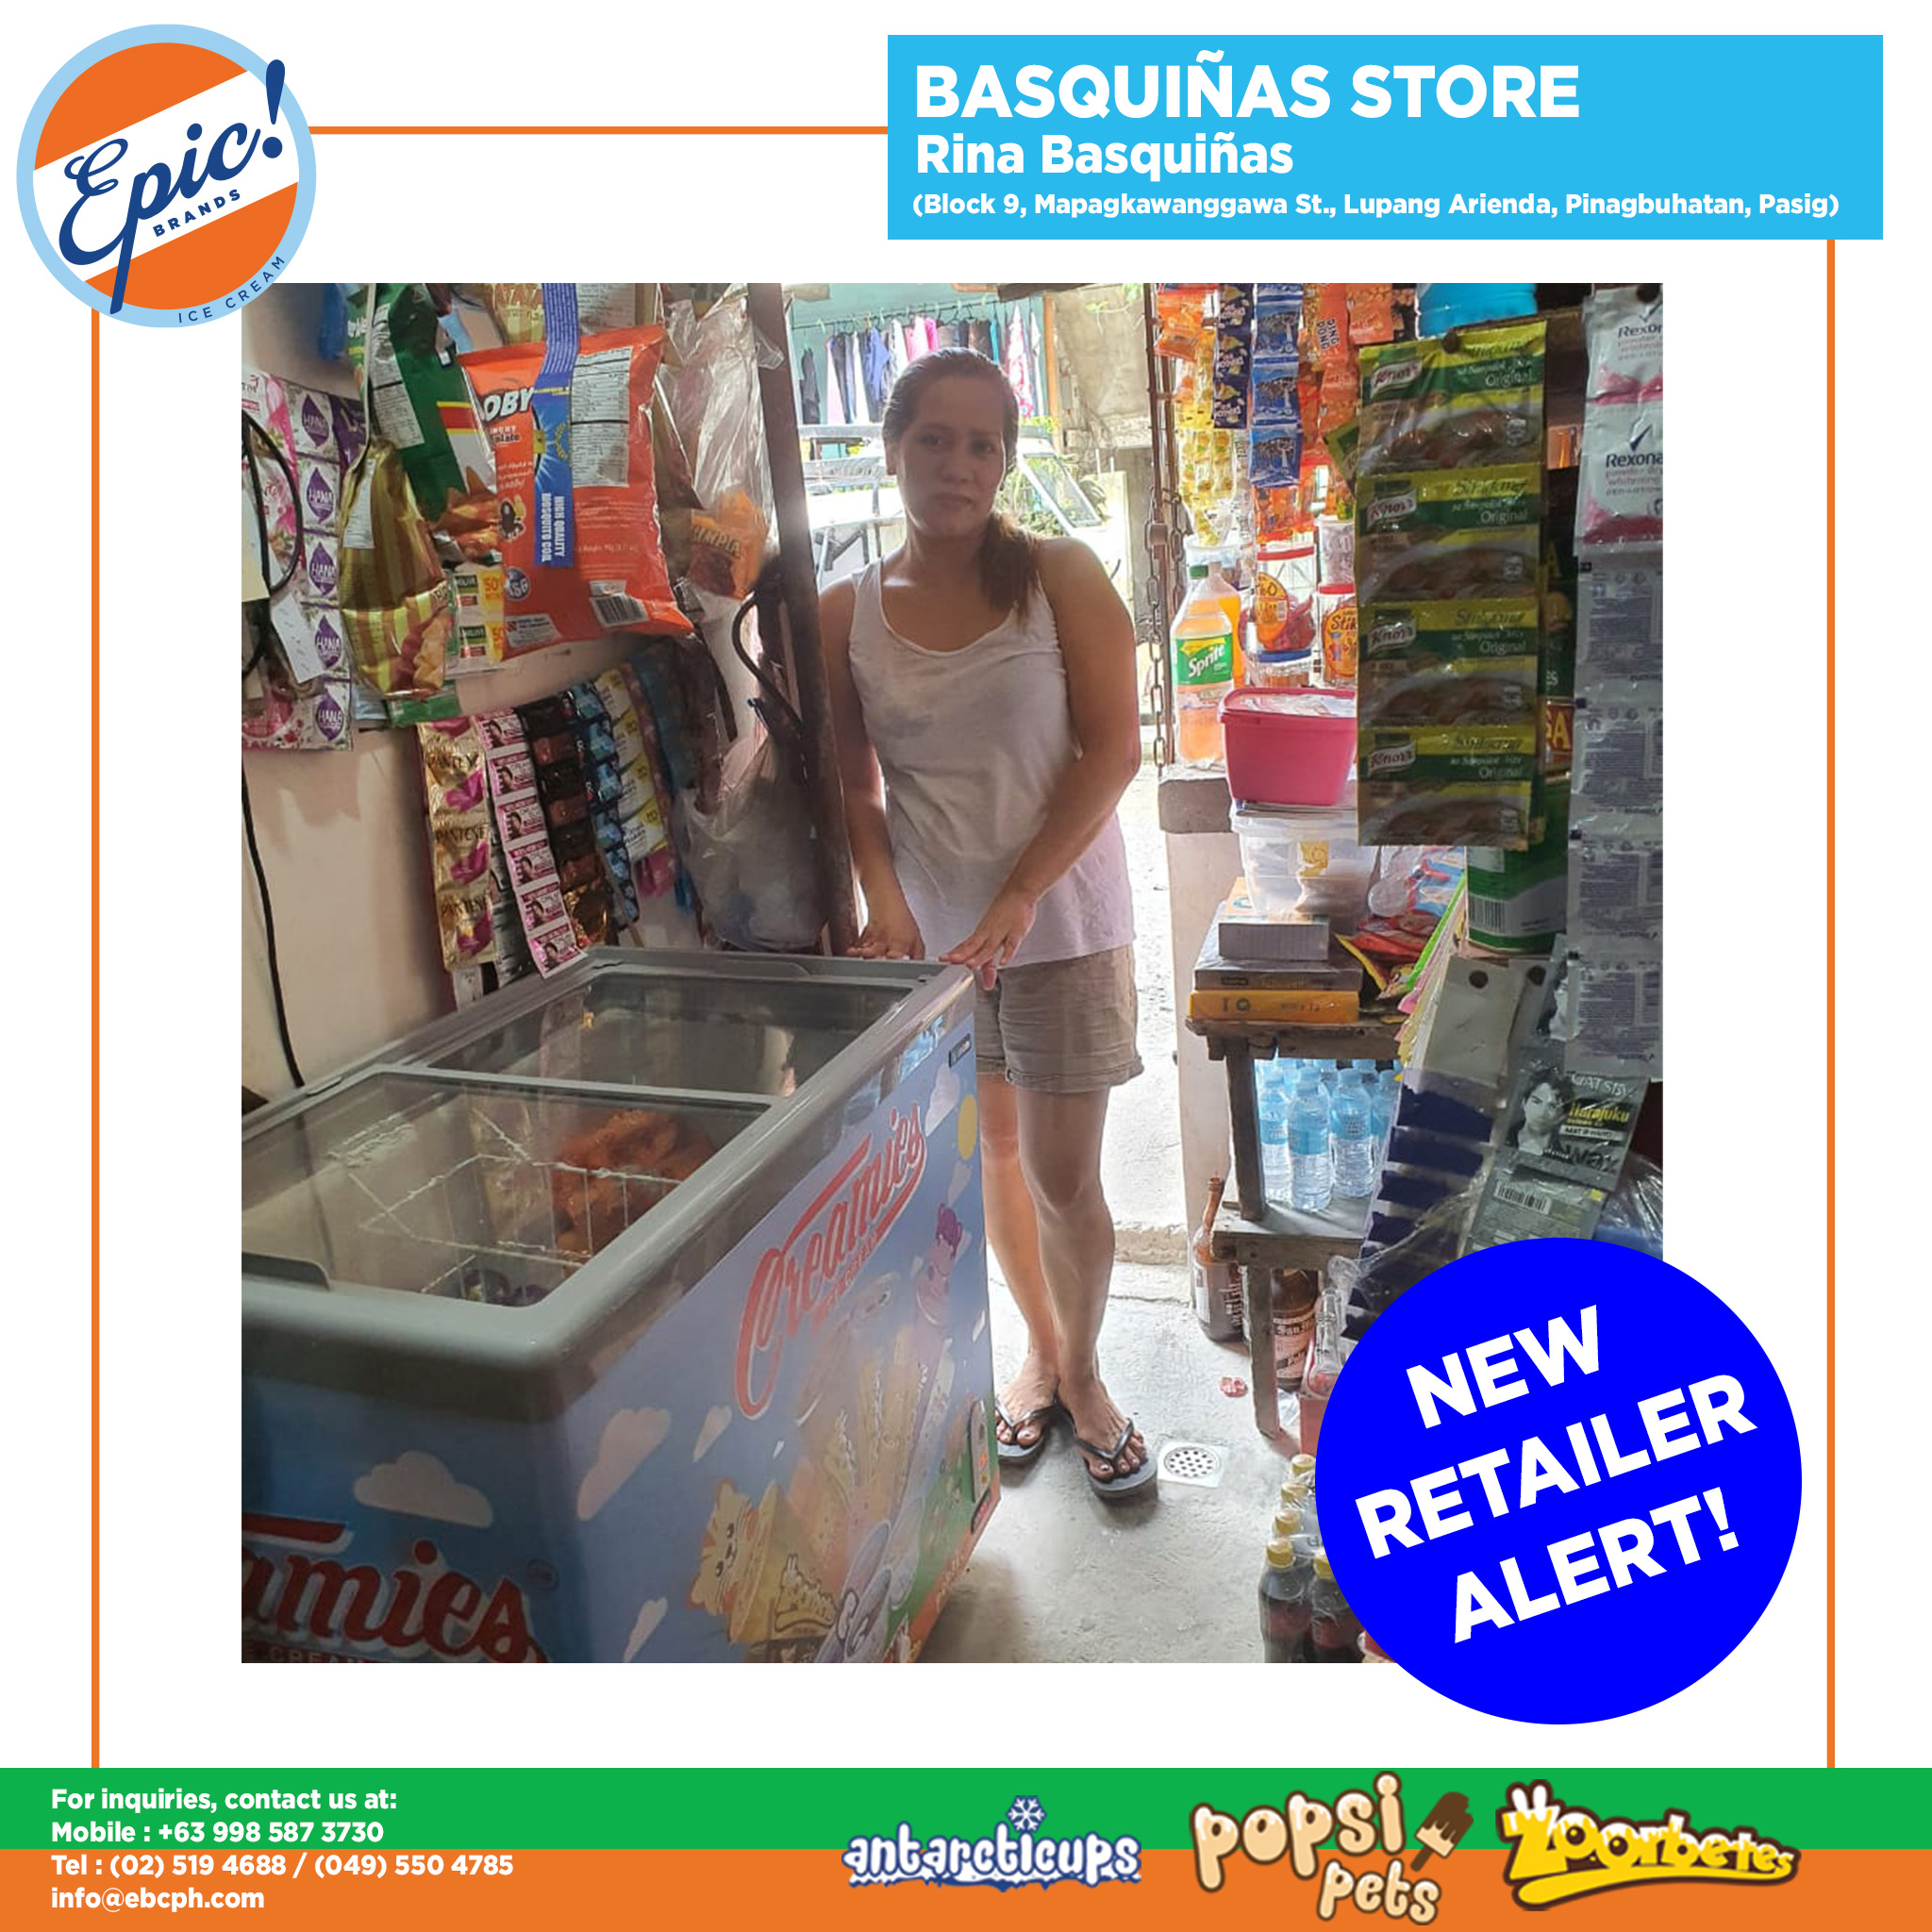 Basquiñas Store